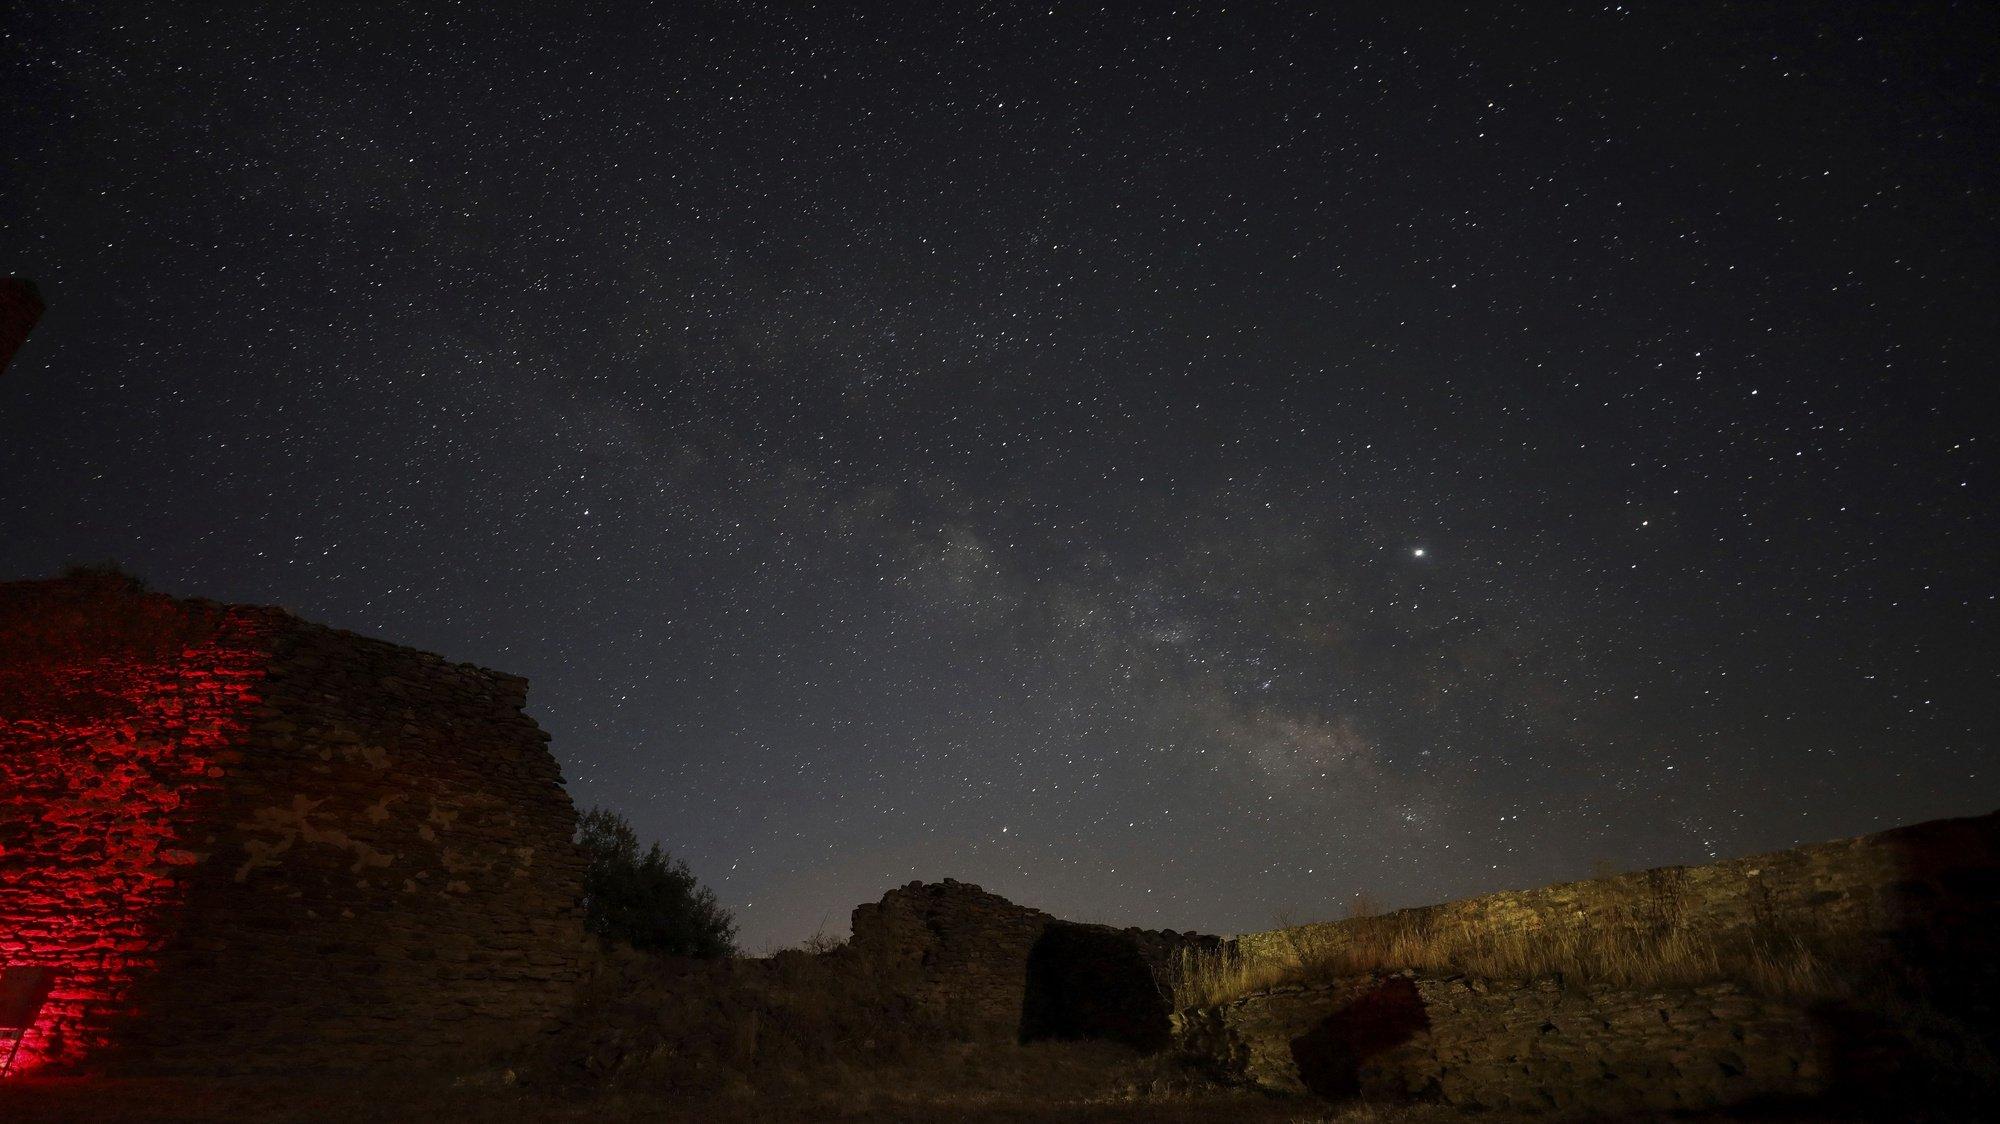 O céu visto do Castelo de Noudar integrado no turismo de estrelas que tem vindo a conquistar cada vez mais interesse na zona fronteiriça de Barrancos, 5 de julho de 2019. (ACOMPANHA TEXTO DE 20/07/2019) CARLOS GARCIA/EFE/LUSA